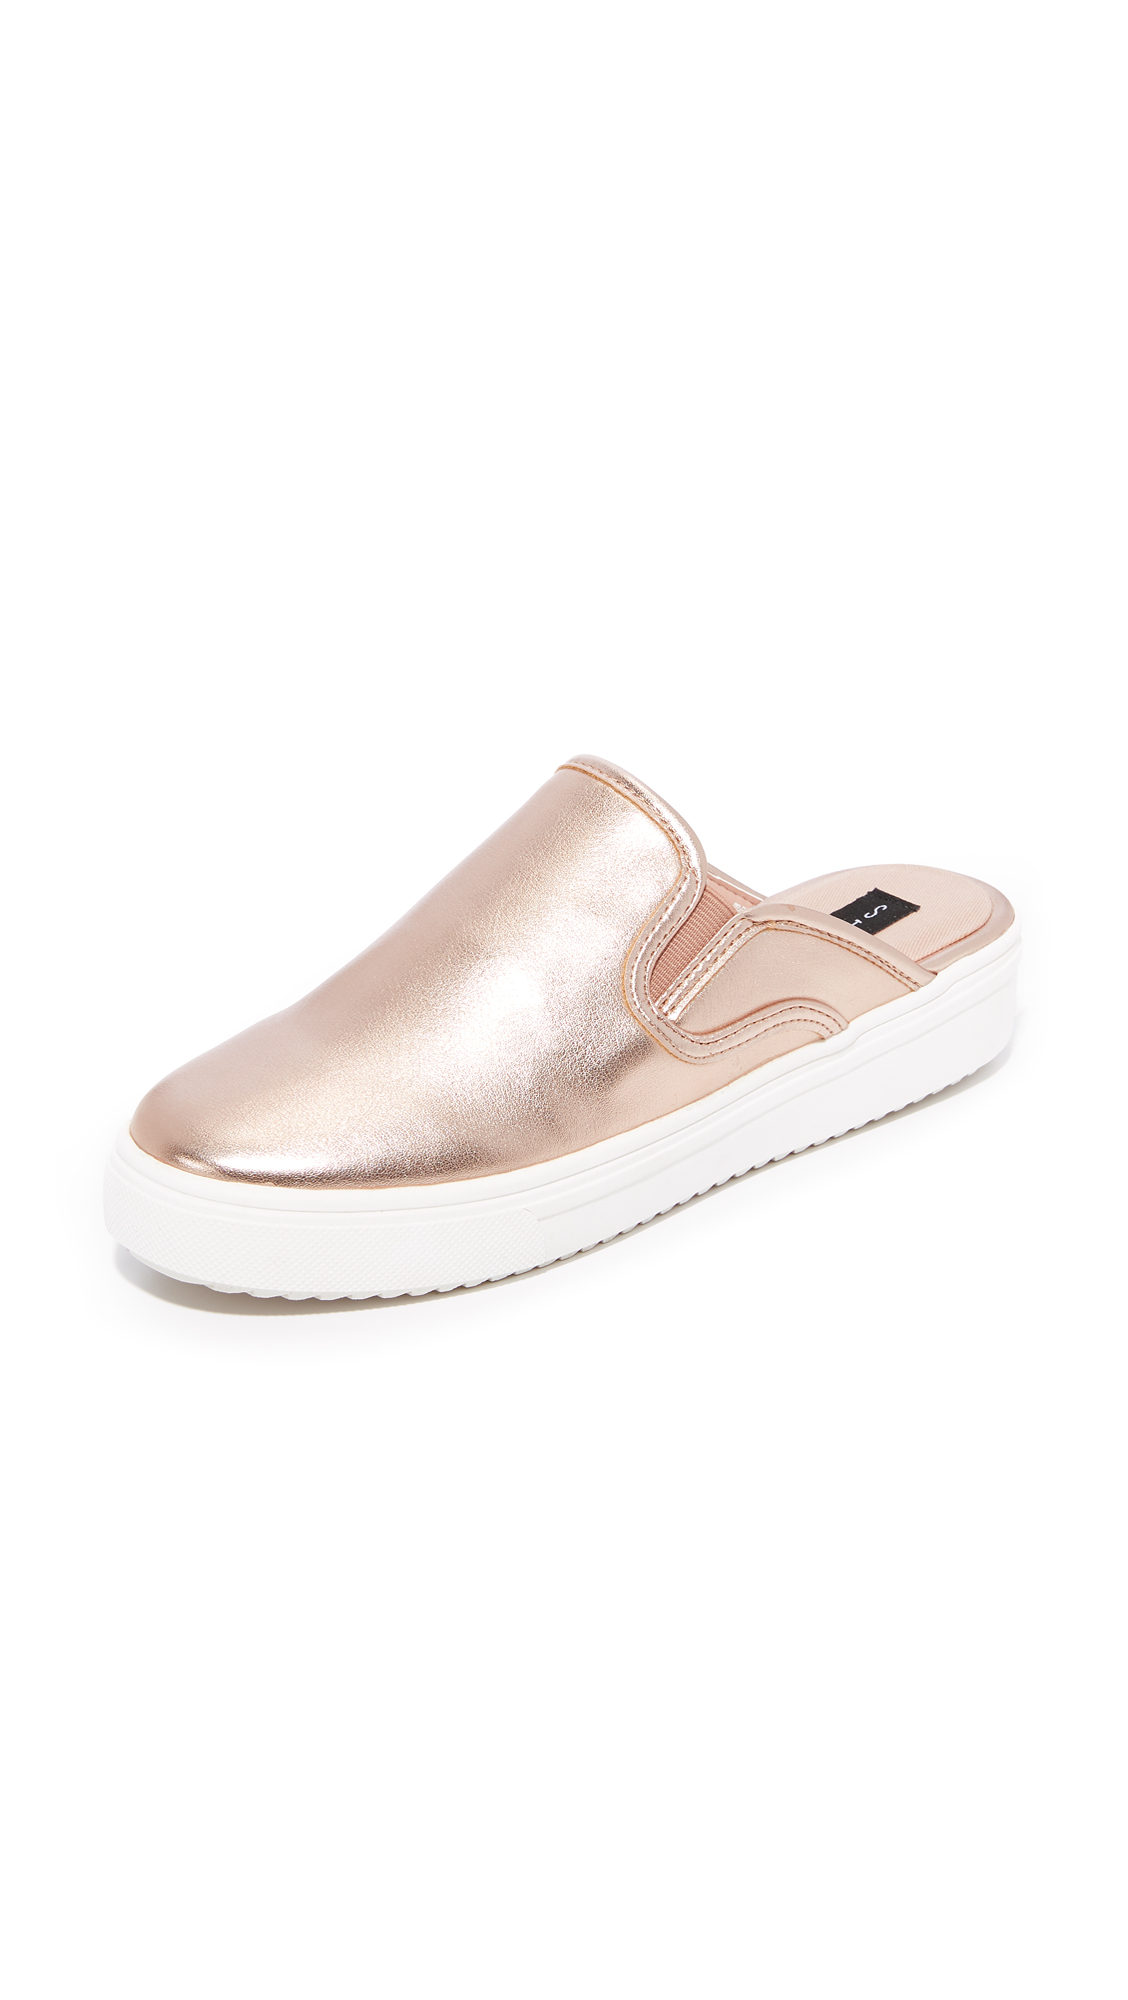 Steven Cody Sneaker Mules - Rose Gold